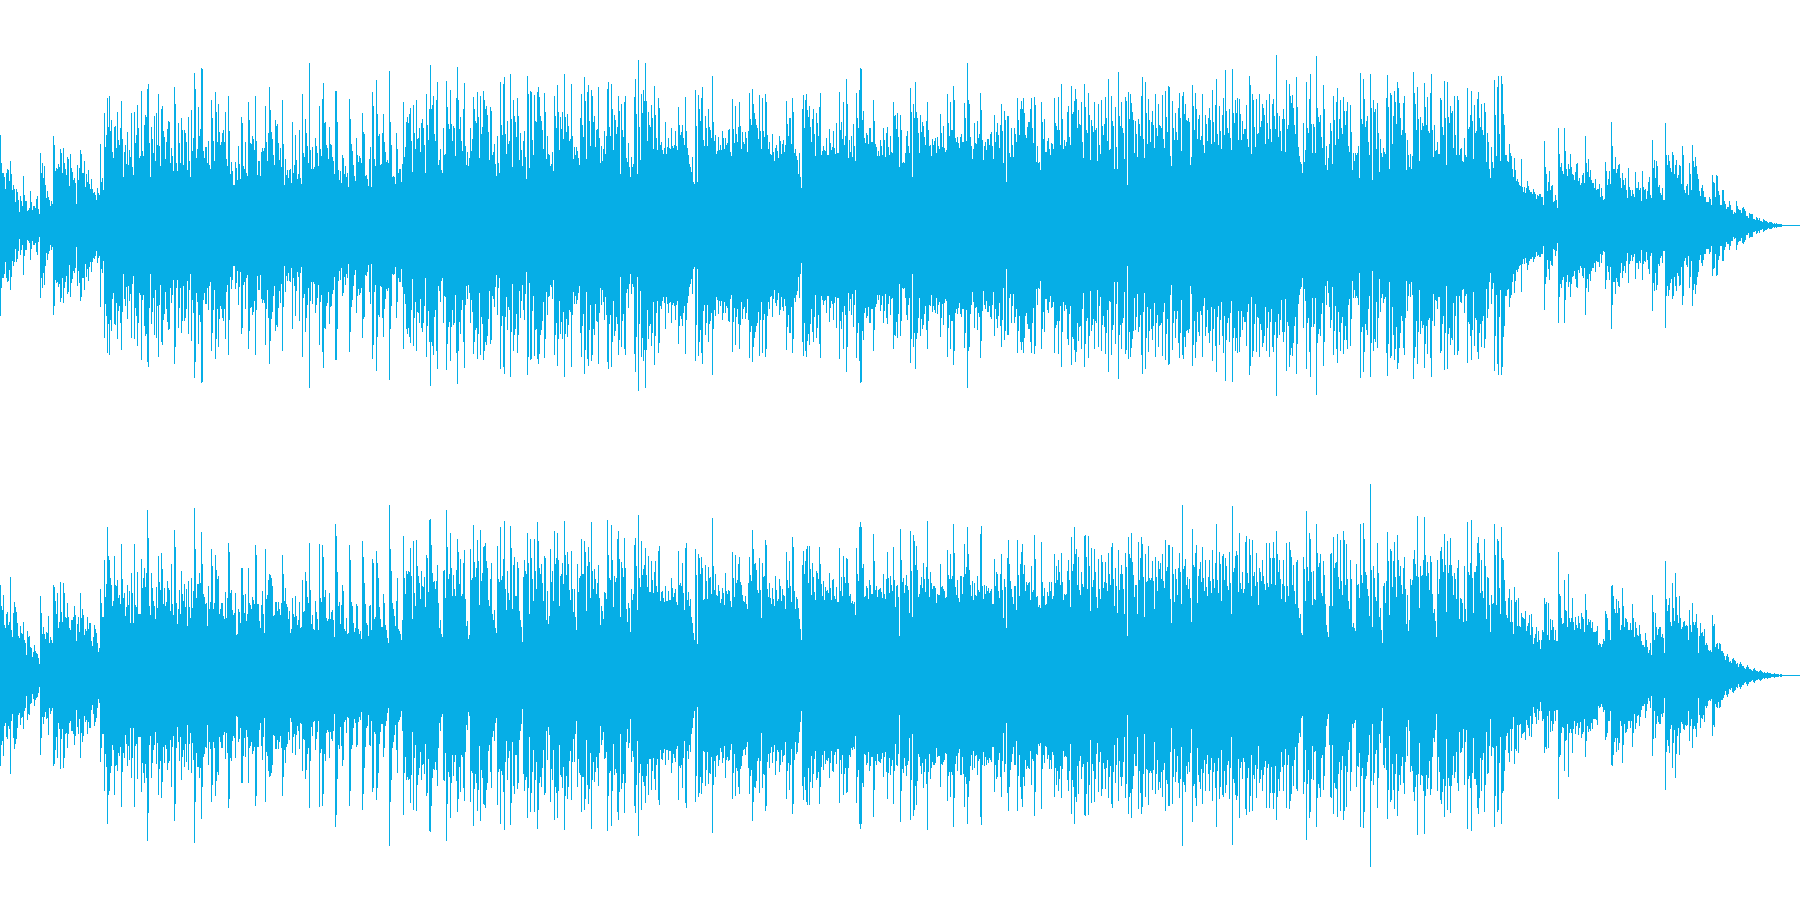 水の流れのような癒しのBGMの再生済みの波形